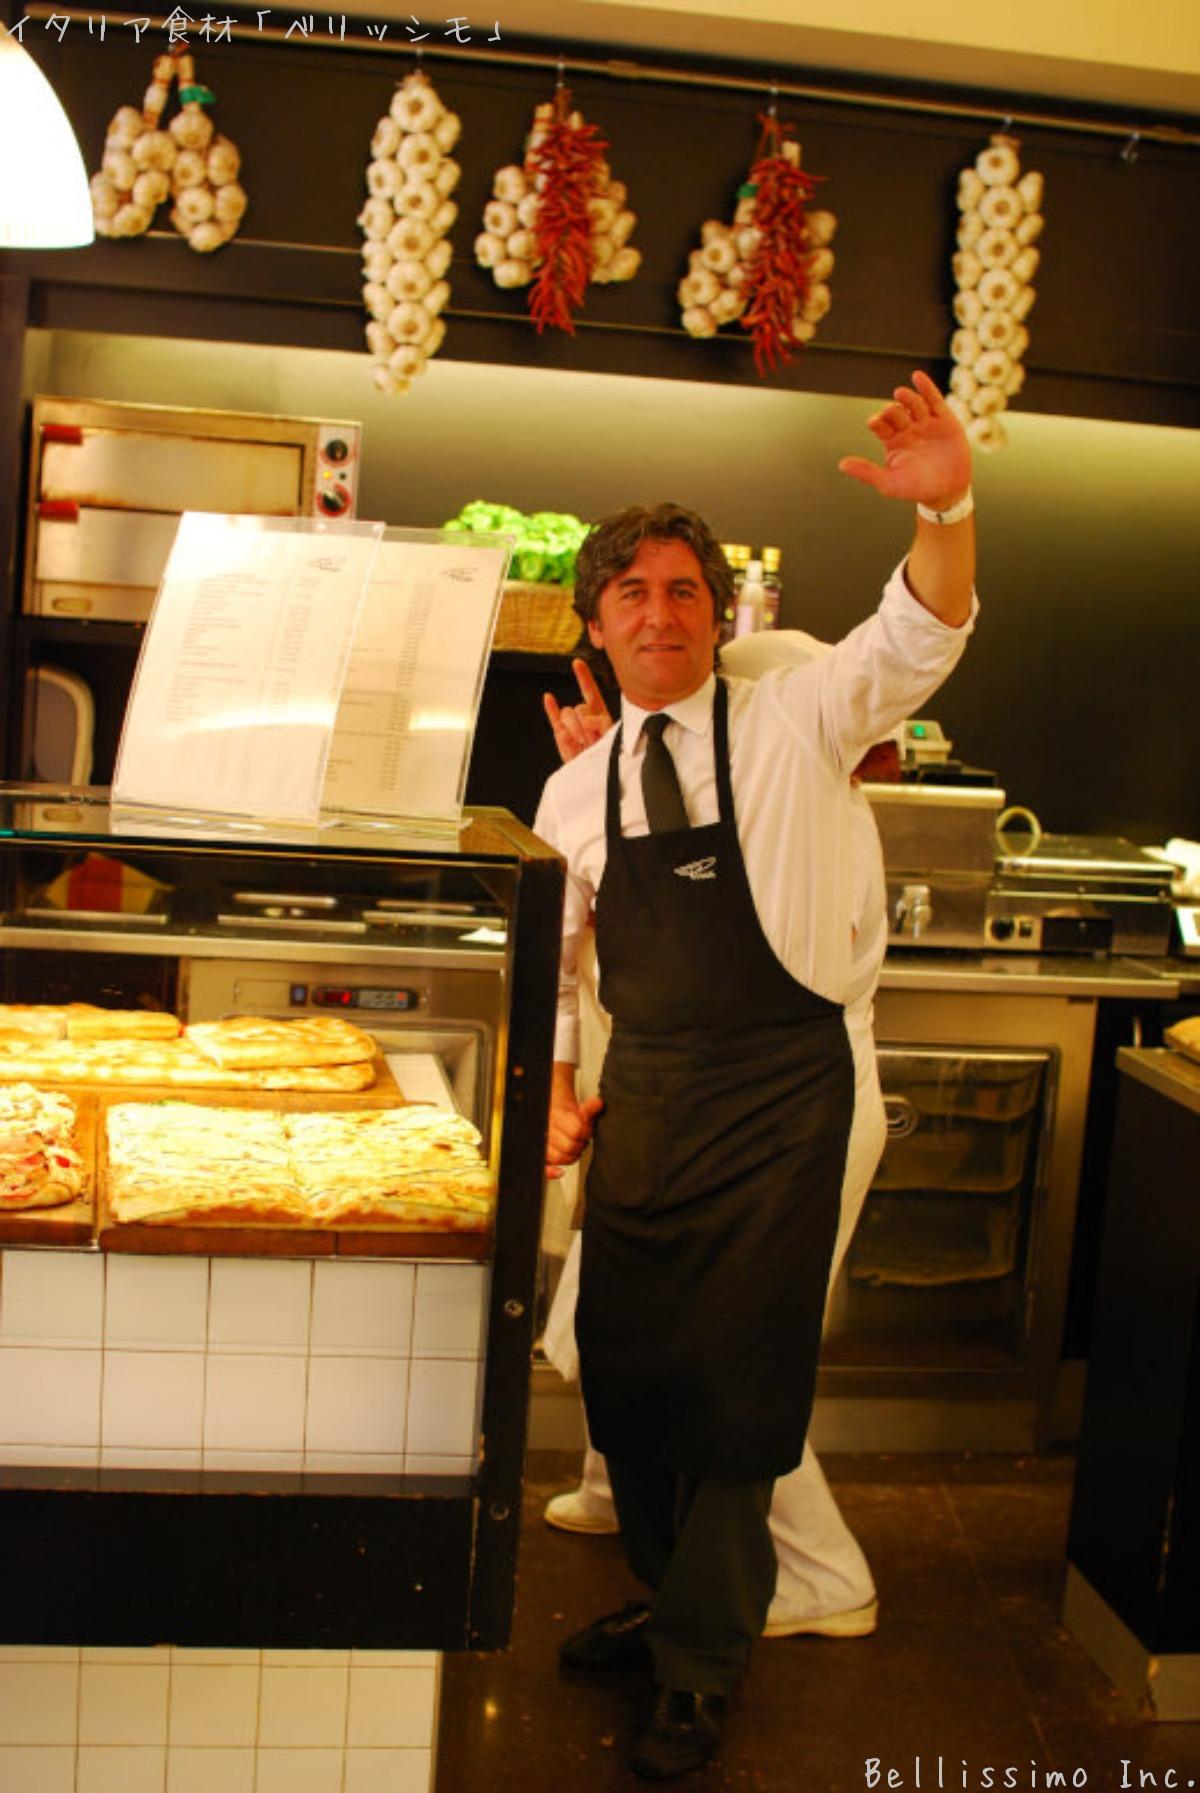 イタリア買い付け旅行記 vol.12 -15- 「ミラノで食事三昧」 最終回_c0003150_1324915.jpg